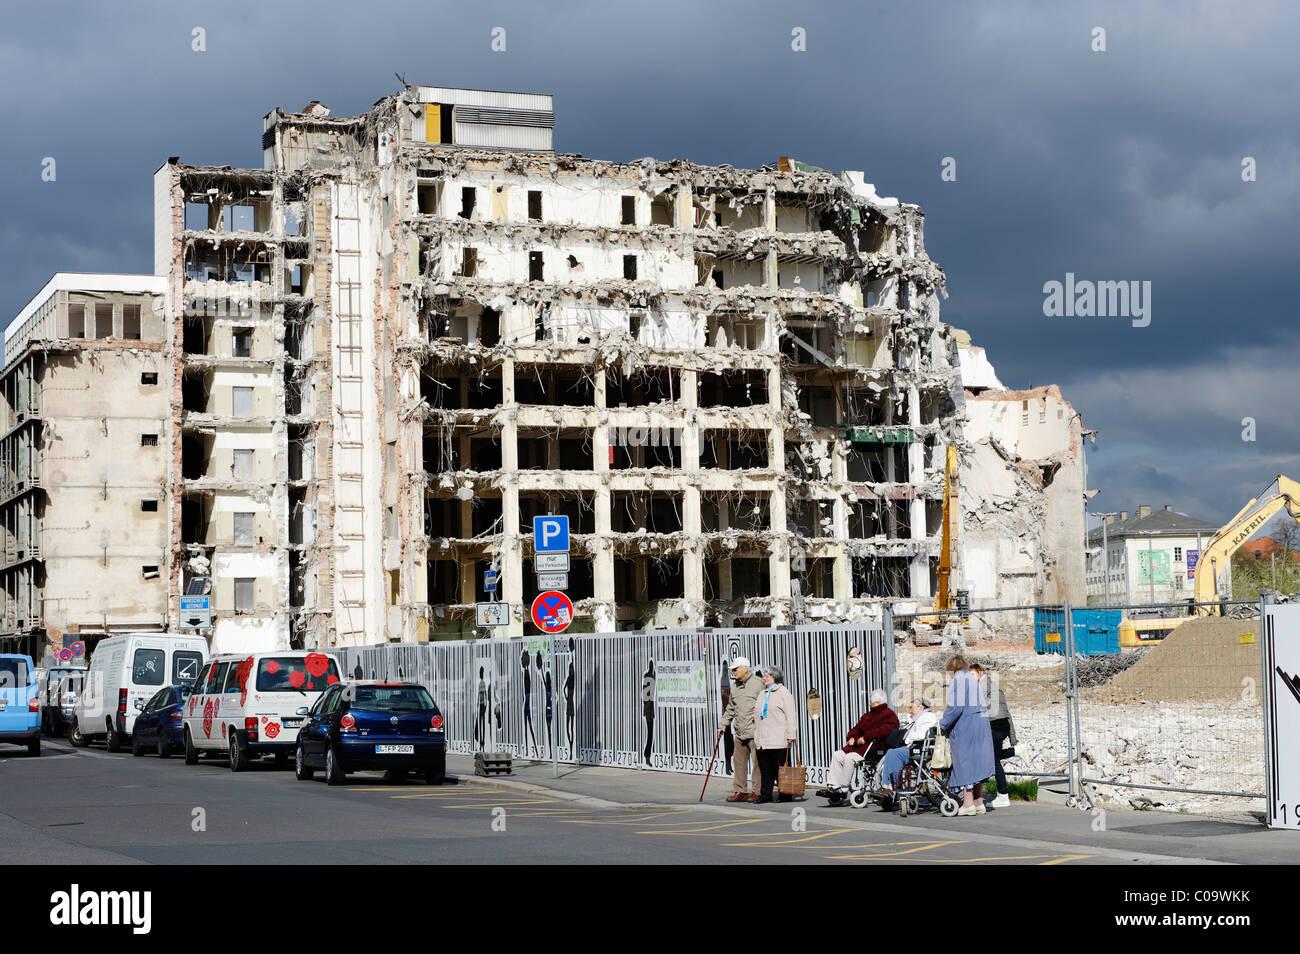 Haus Demolation am Richard-Wagner-Straße, Leipzig, Sachsen, Deutschland, Europa Stockbild